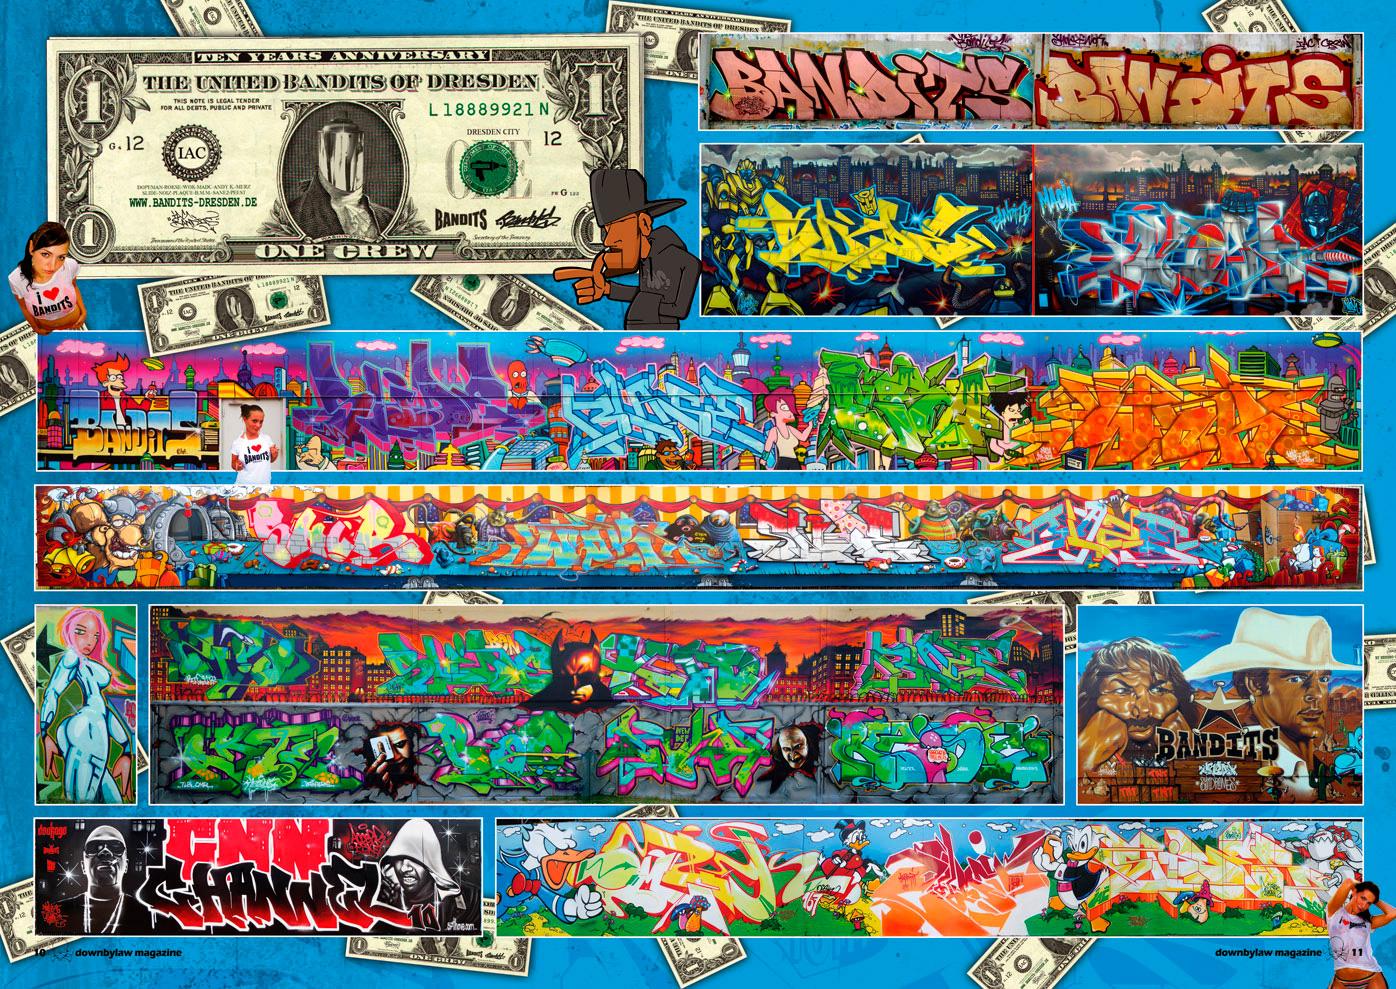 downbylaw_magazine_6_bandits_crew_graffiti